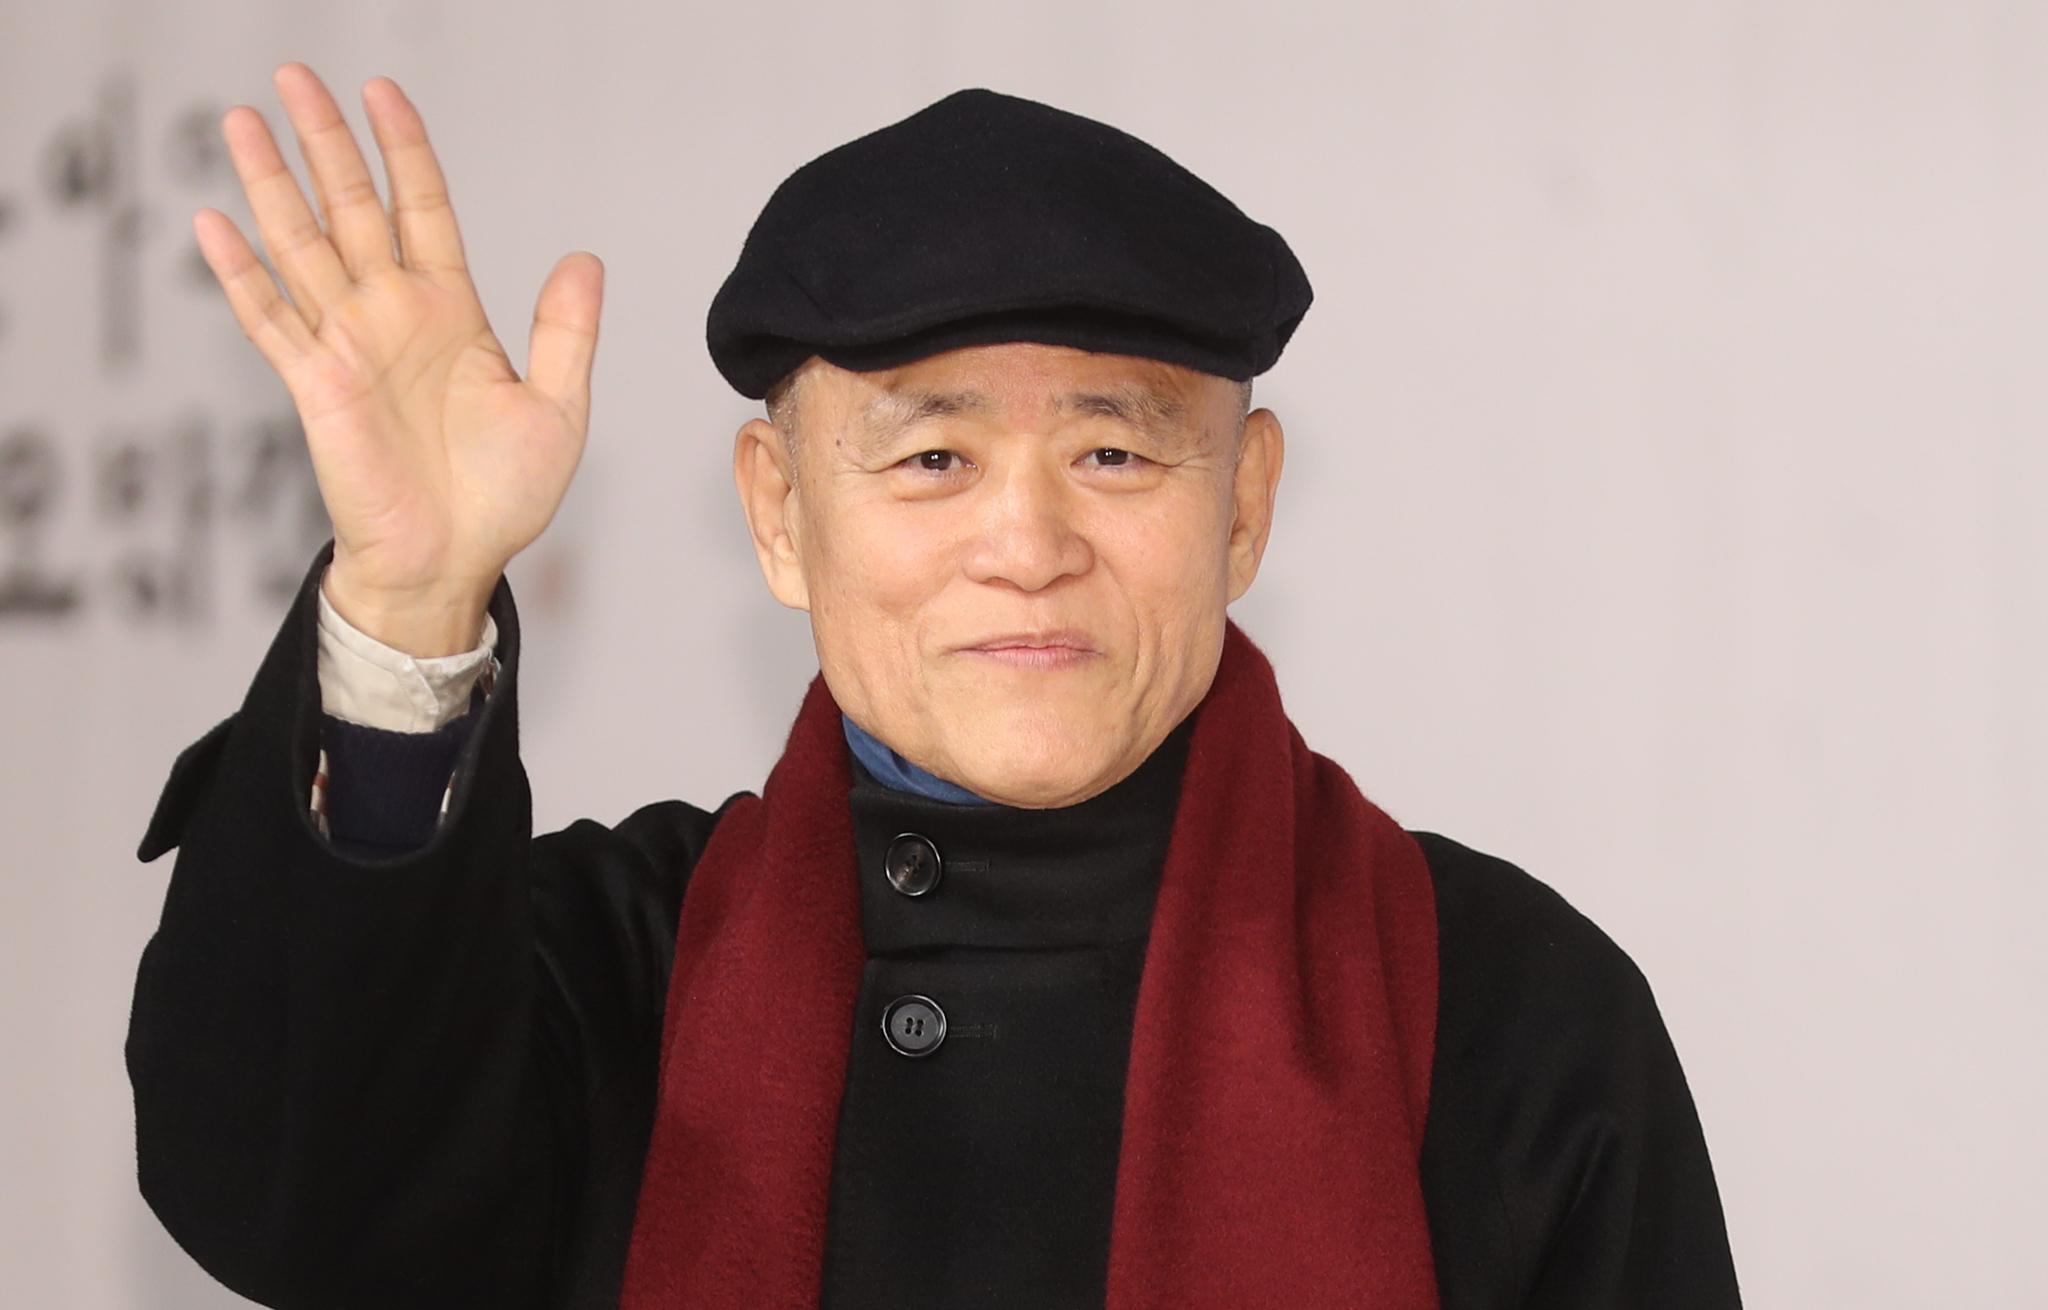 도올 김용옥이 지난 1월 3일 오후 서울 영등포구 타임스퀘어에서 열린 KBS '도올아인 오방간다' 제작발표회에서 포즈를 취하고 있다. [연합뉴스]